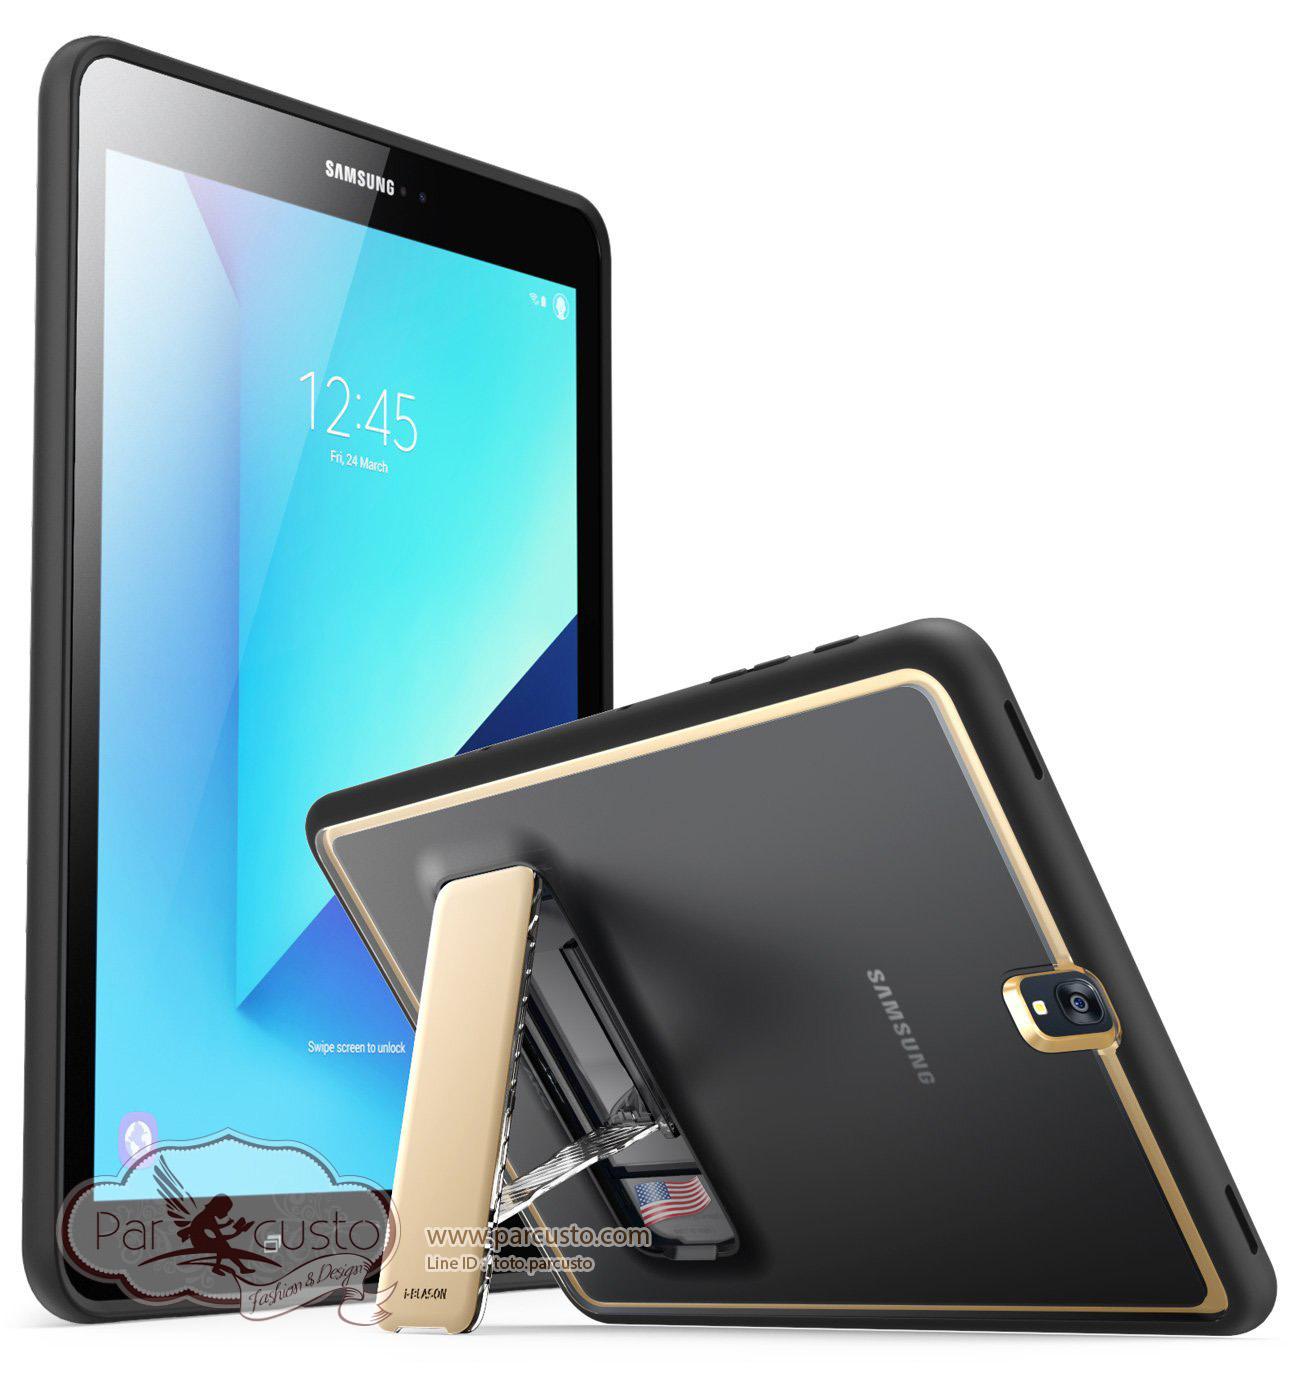 เคสกันกระแทก Samsung Galaxy Tab S3 9.7 [Halo Series] จาก i-Blason [Pre-order USA]